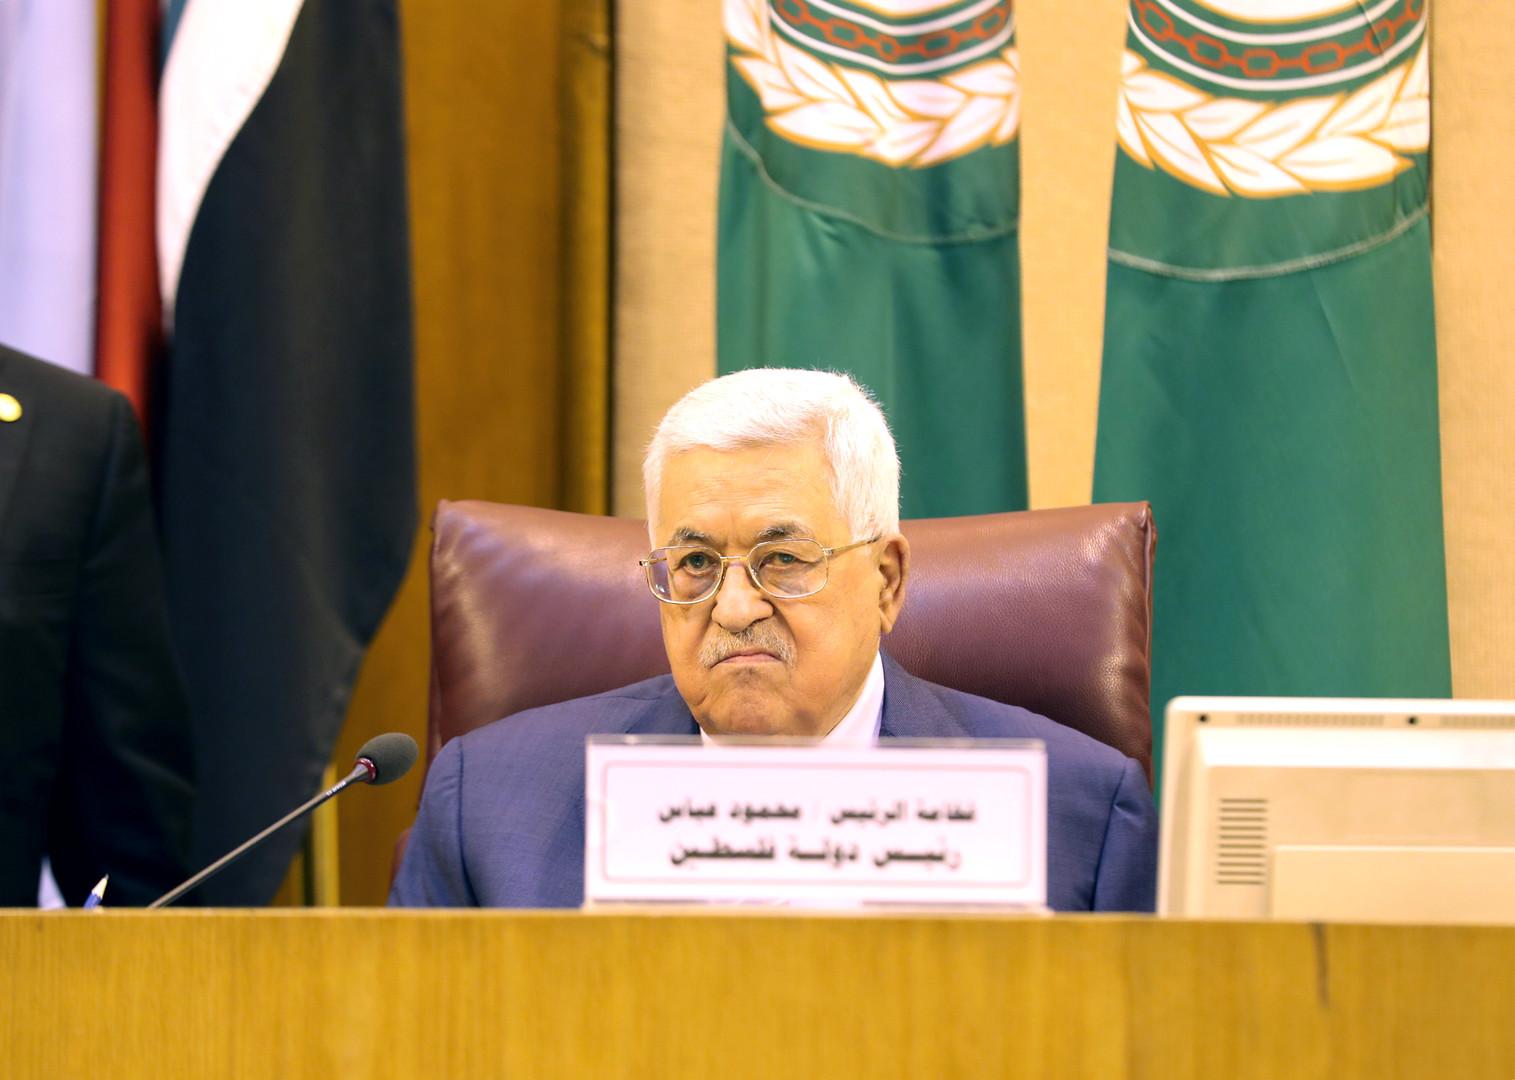 الرئيس الفلسطيني، محمود عباس، خلال اجتماع طارئ لجامعة الدول العربية لبحث القضية الفلسطينية يوم 21 أبريل